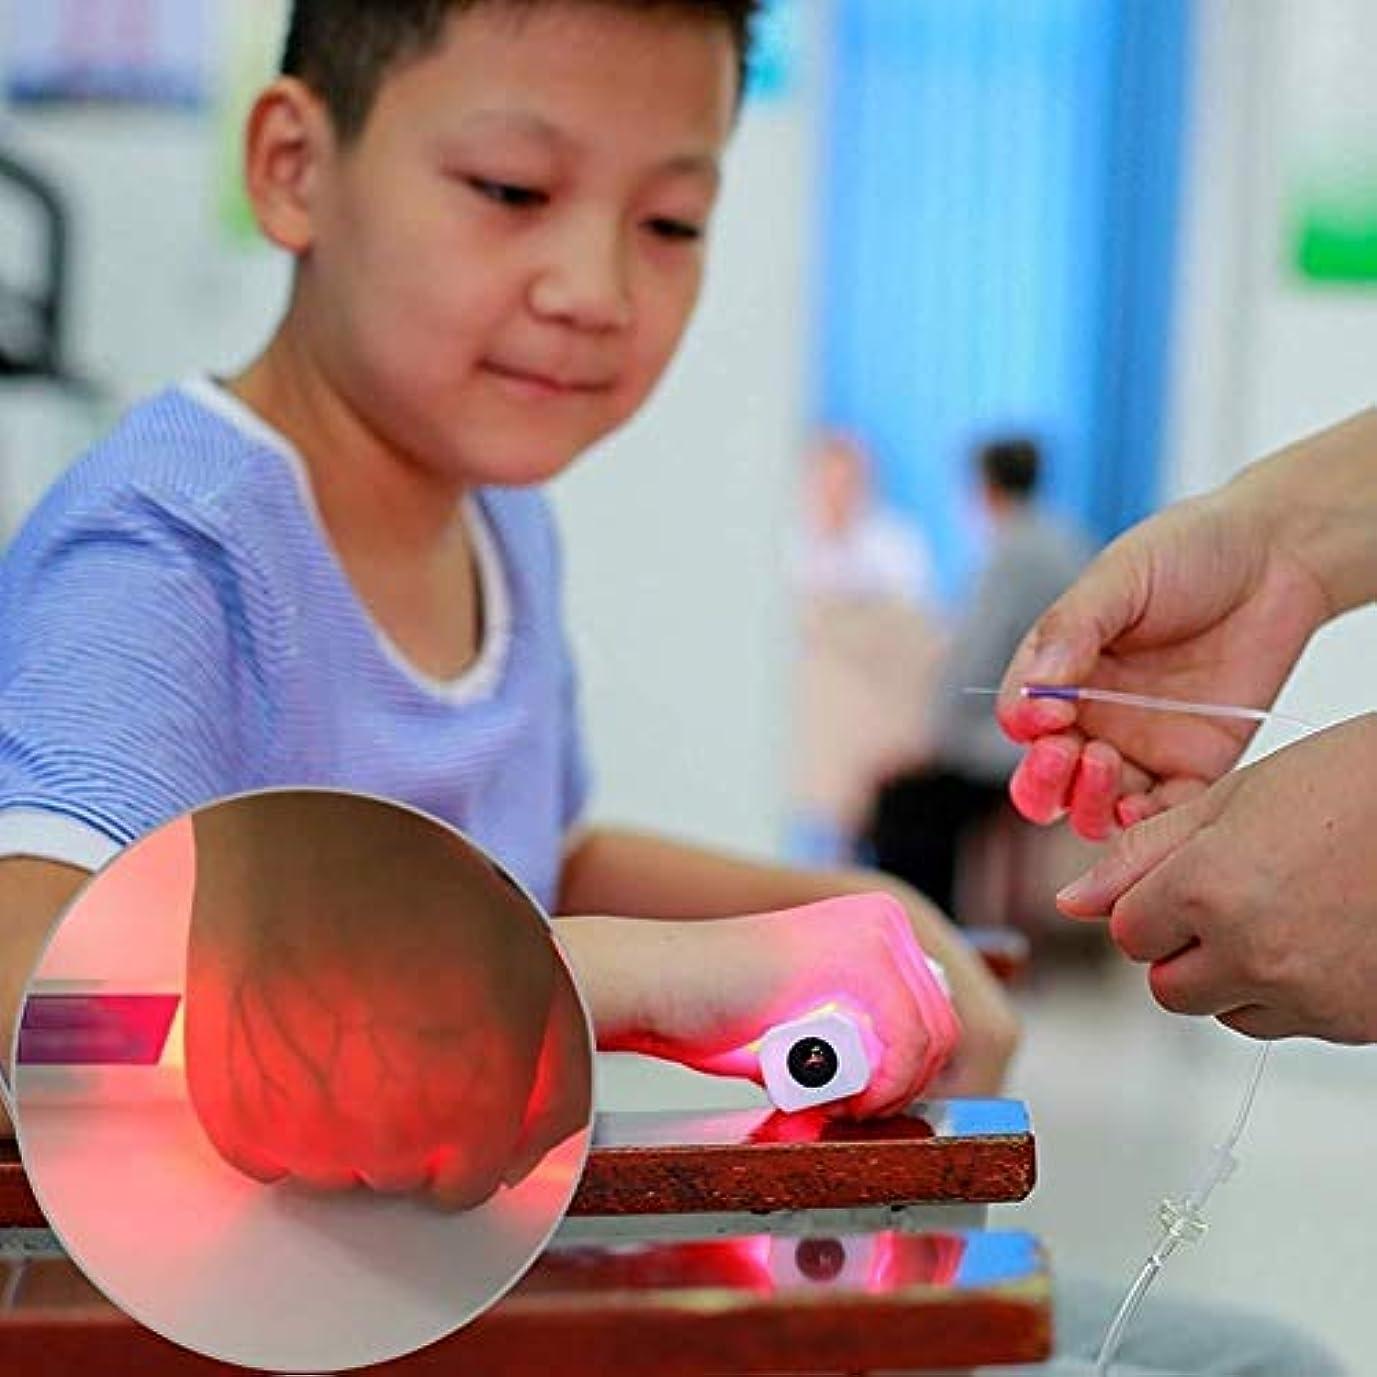 規則性掘る原因赤外線静脈ファインダービューアーポータブル医療赤外線静脈ロケーター照明可視化ライト検出器看護師医師Ph血